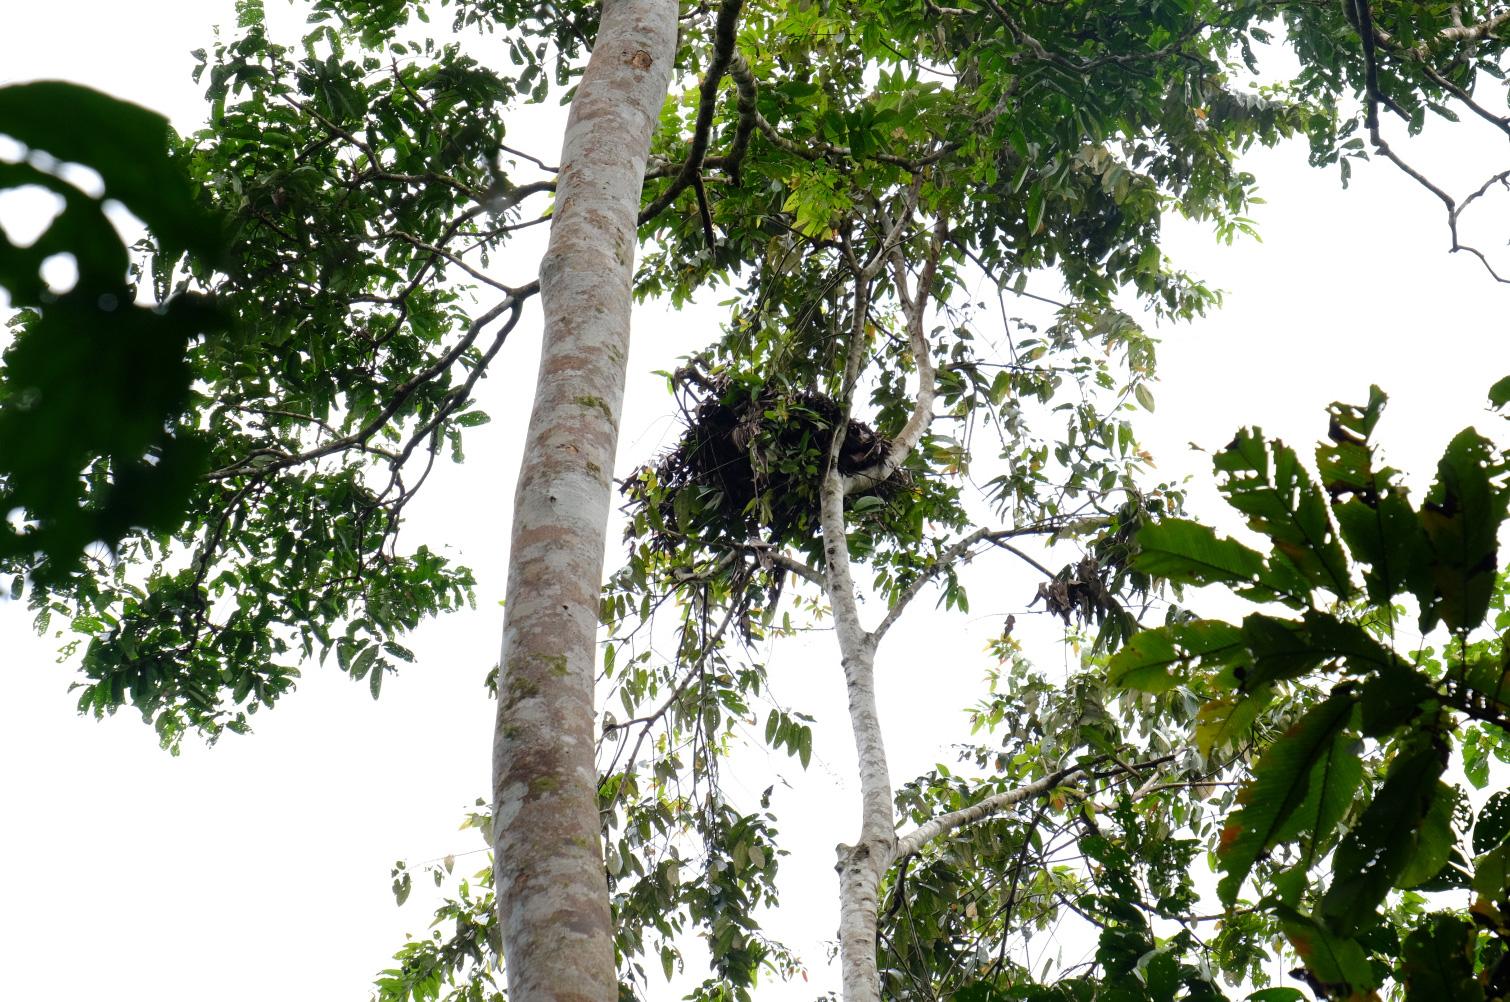 Seht ihr es? Da oben das Orang Utan Nest. Orang Utans bauen sich täglich ein neues Nest